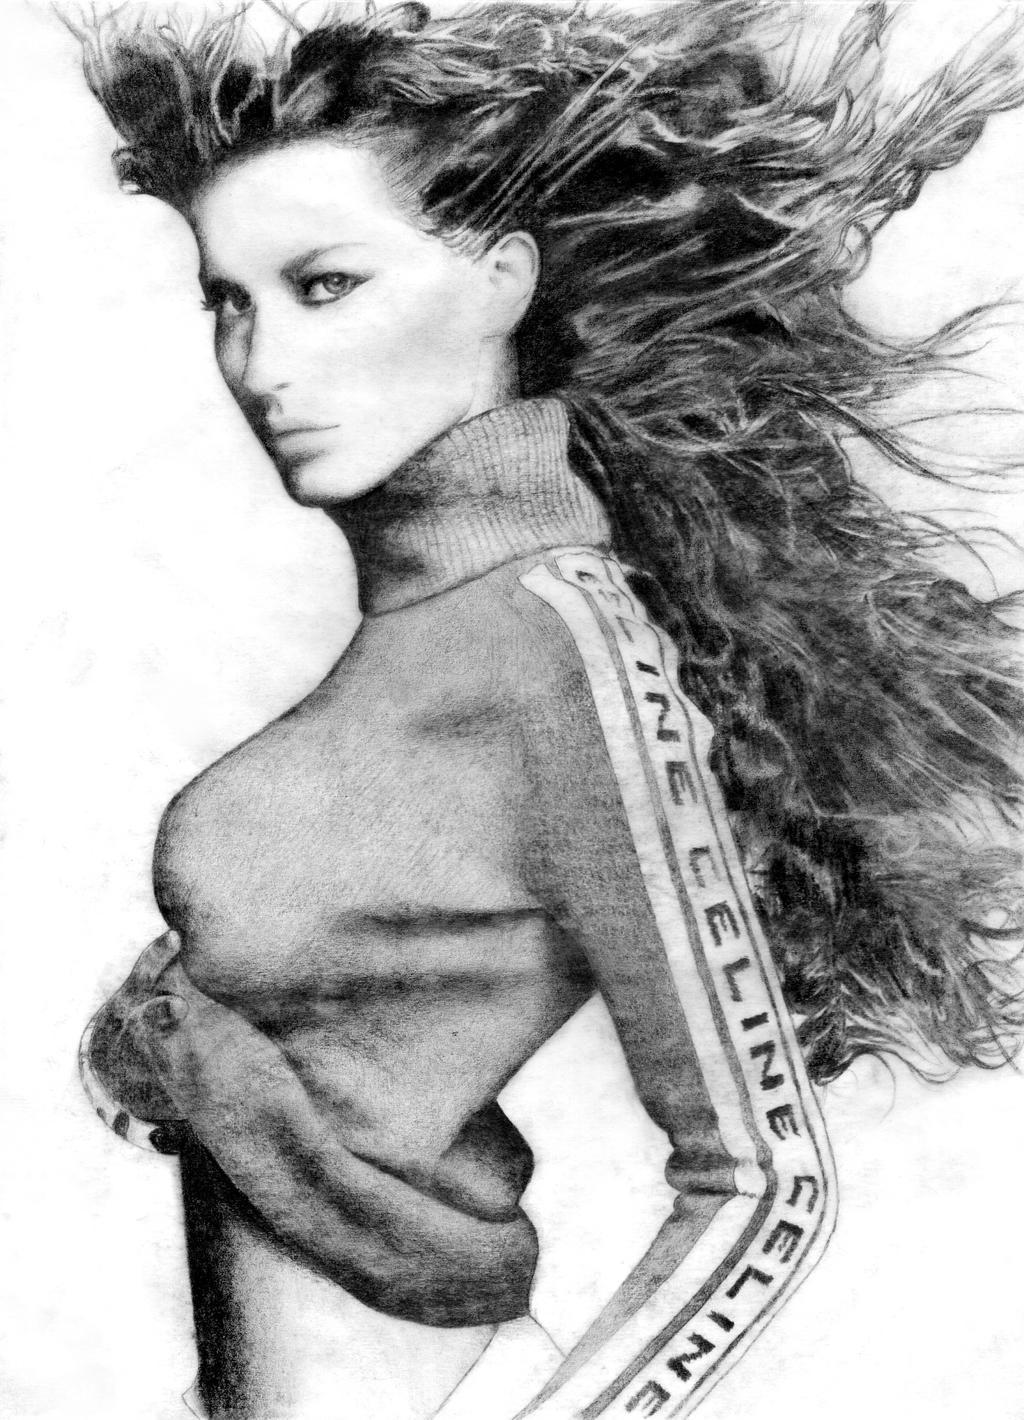 Gisele.Bundchen by theartofrex